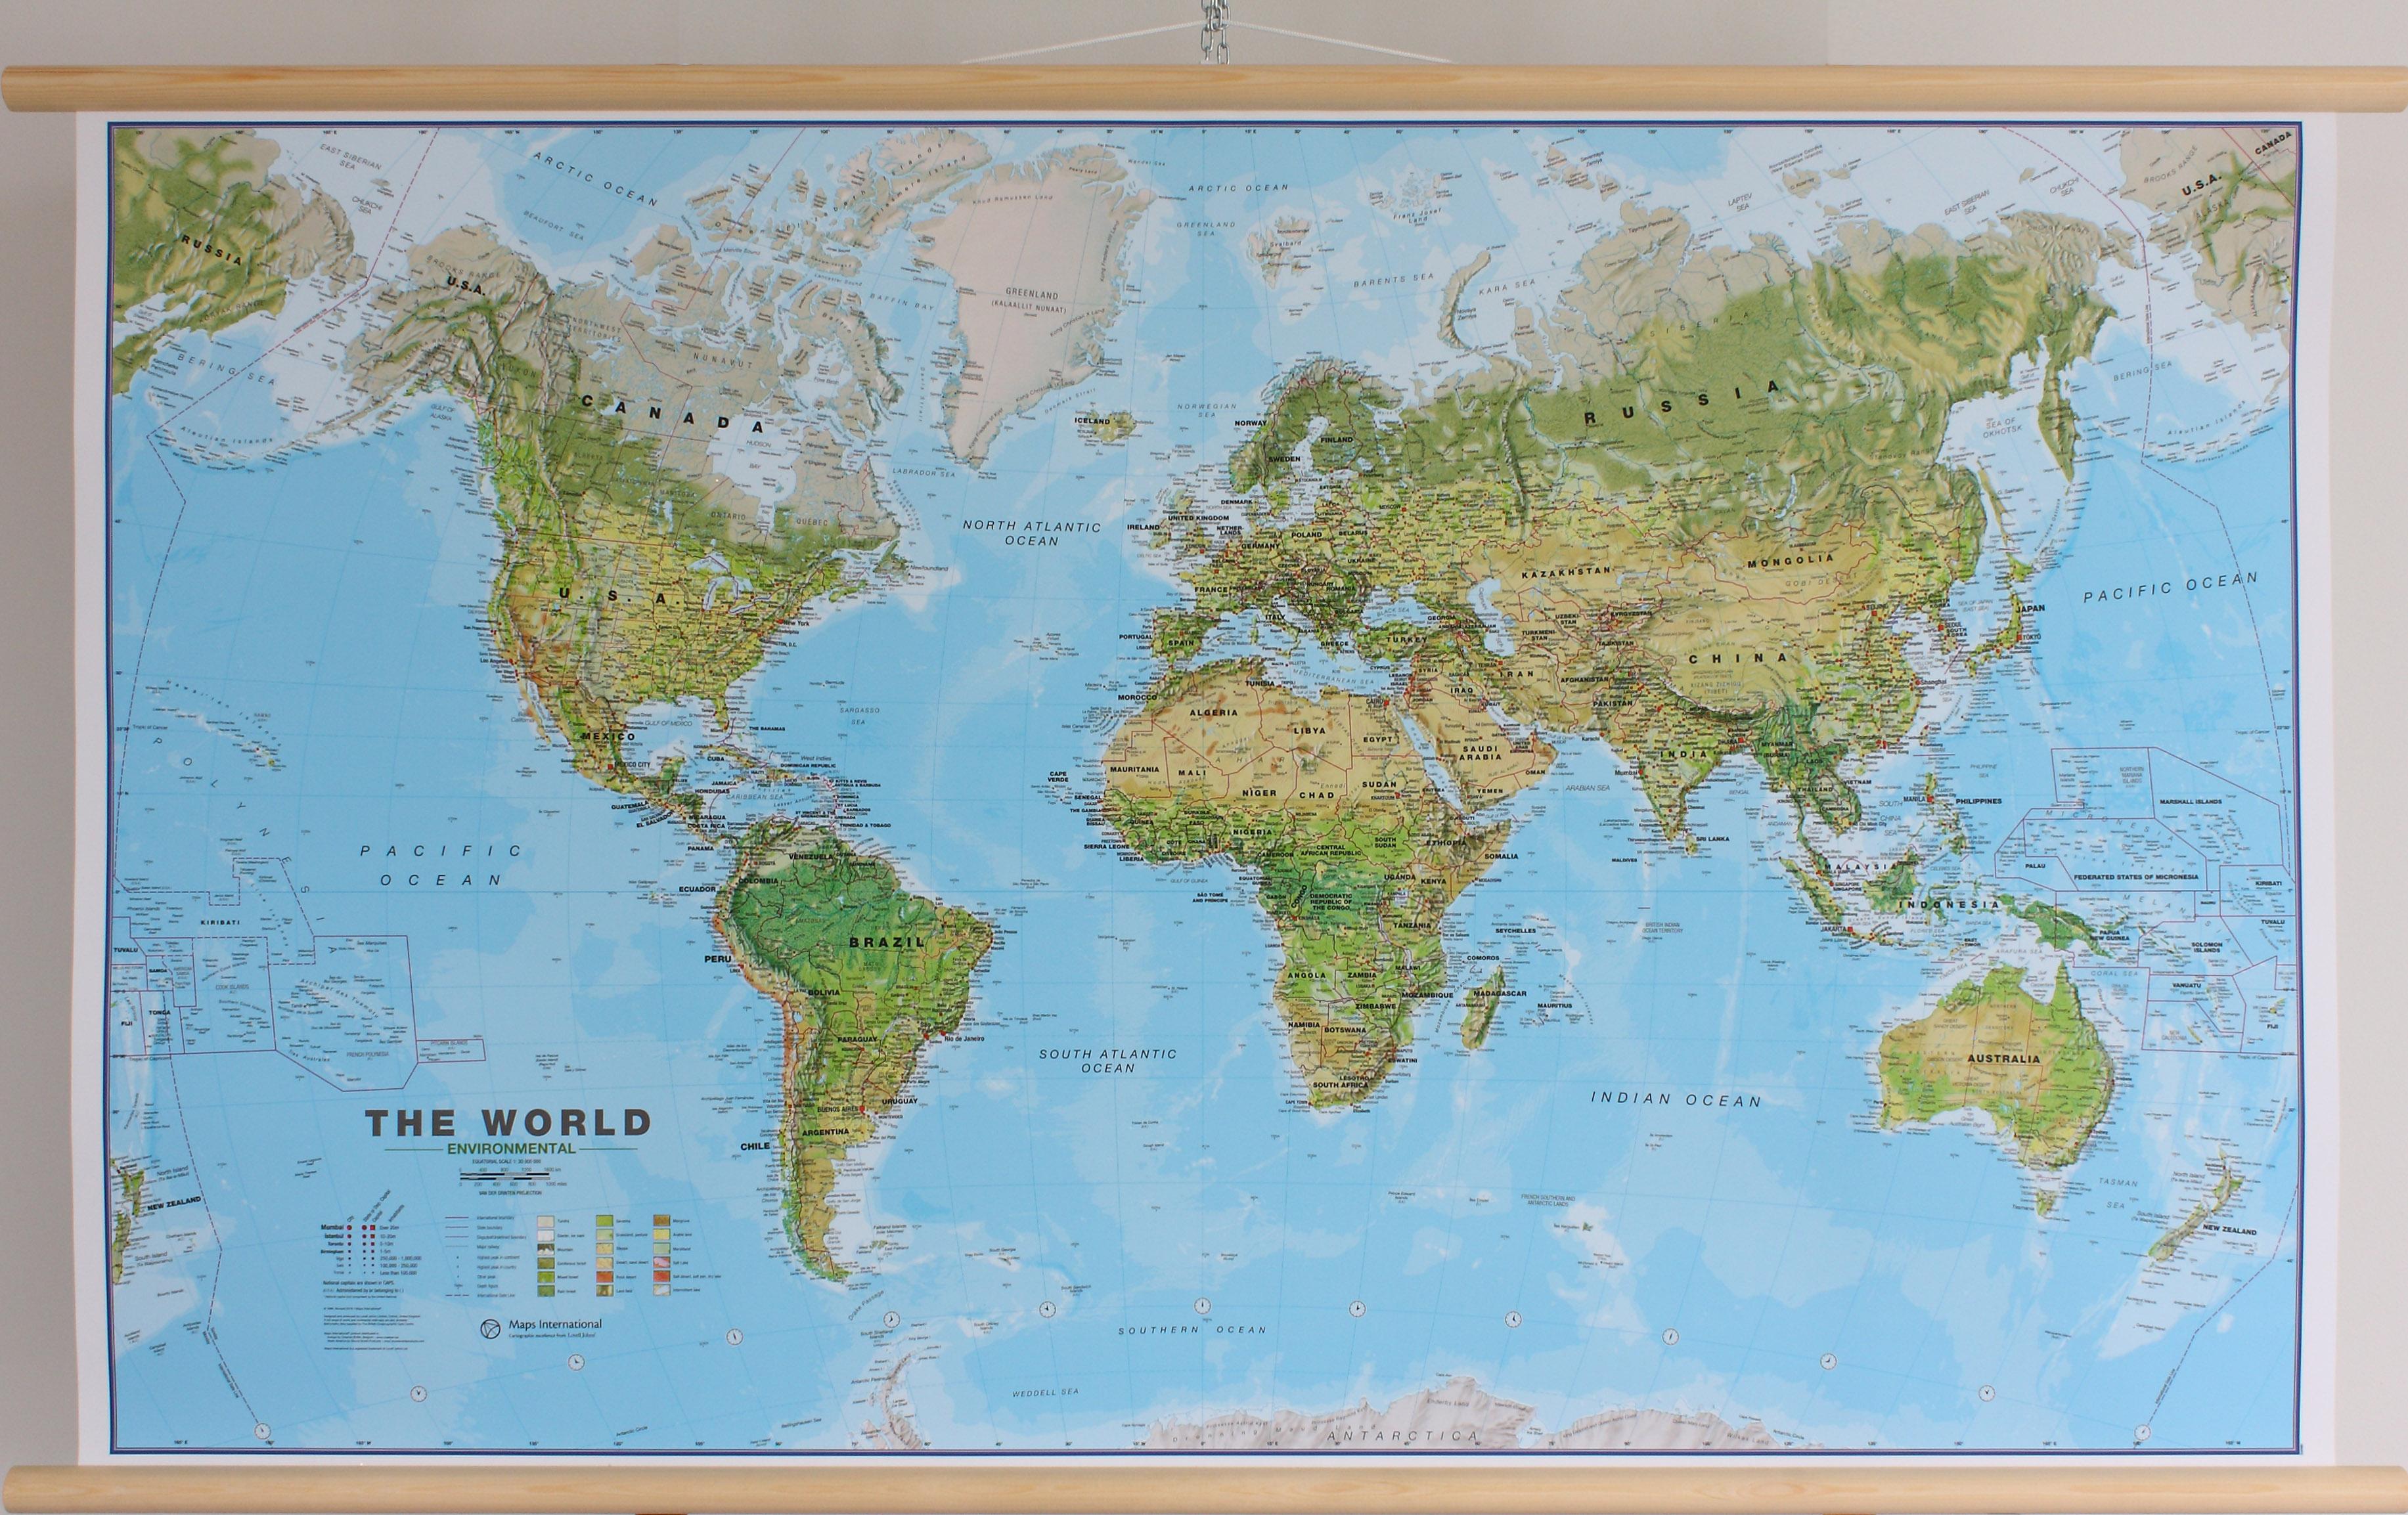 Wereldkaart Environmental, 136 x 84 cm | Maps International de zwerver